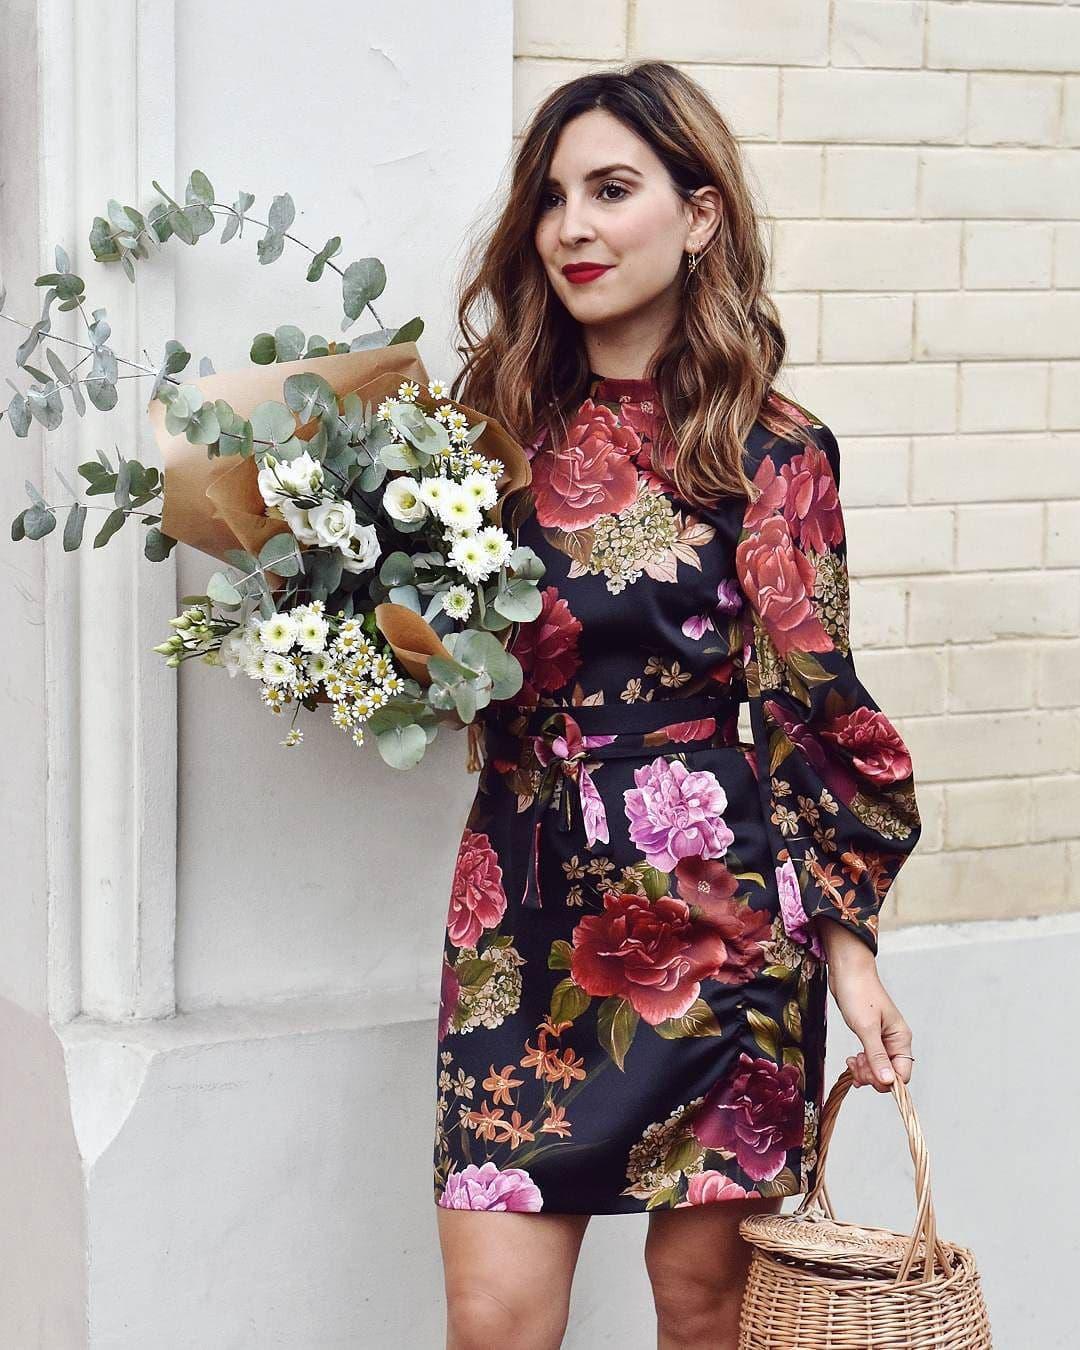 модные наряды на весну фото снимок предмета